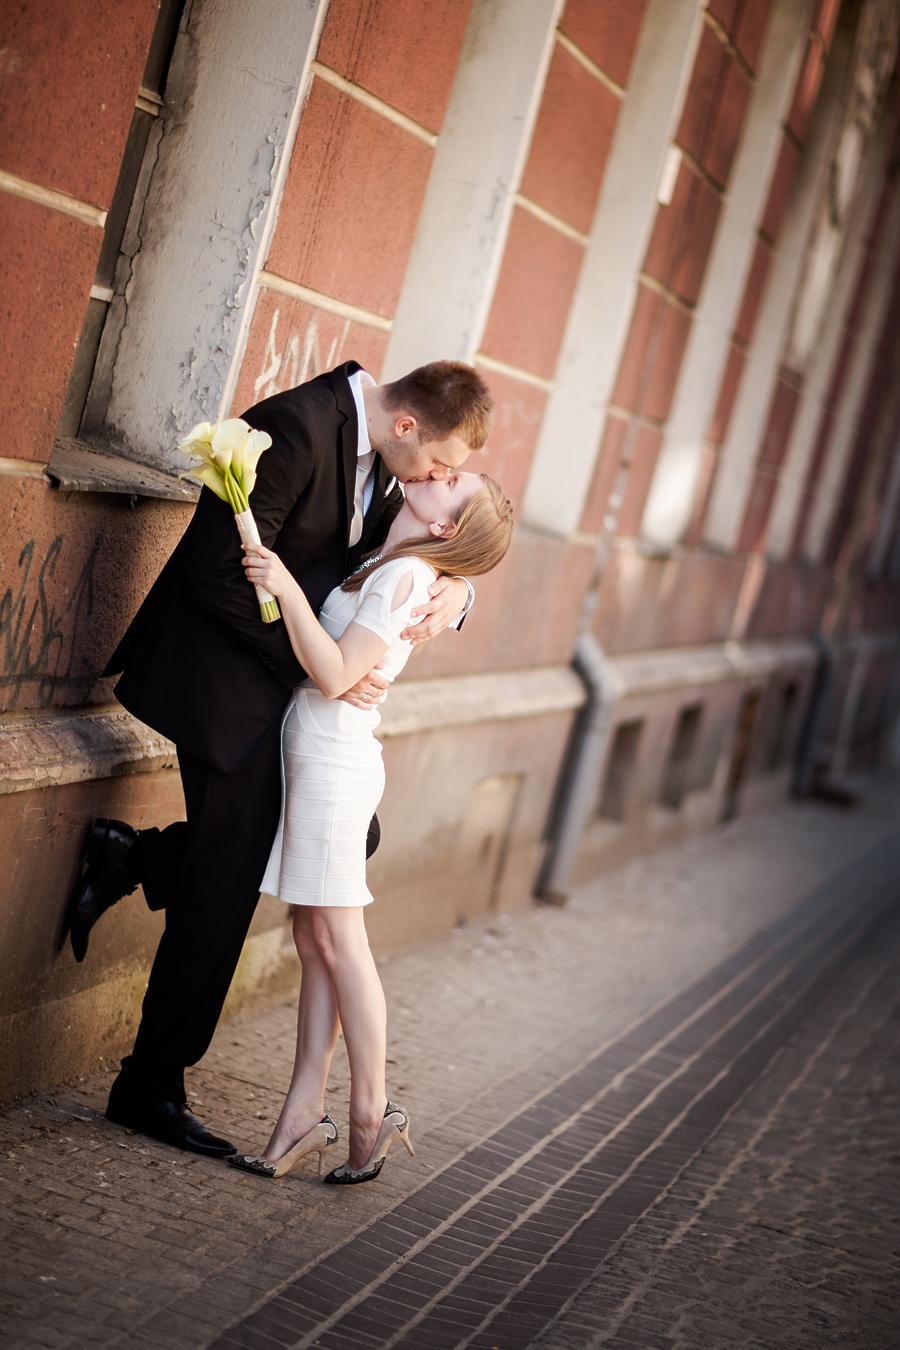 najpiekniejsze zdjecia slubne; fotografia ślubna śląsk; fotografia ślubna bielsko; dwóch fotografów na ślub; zdjęcia ślubne; sesja slubna, plenery slubne, oryginalne fotografie plenerowe